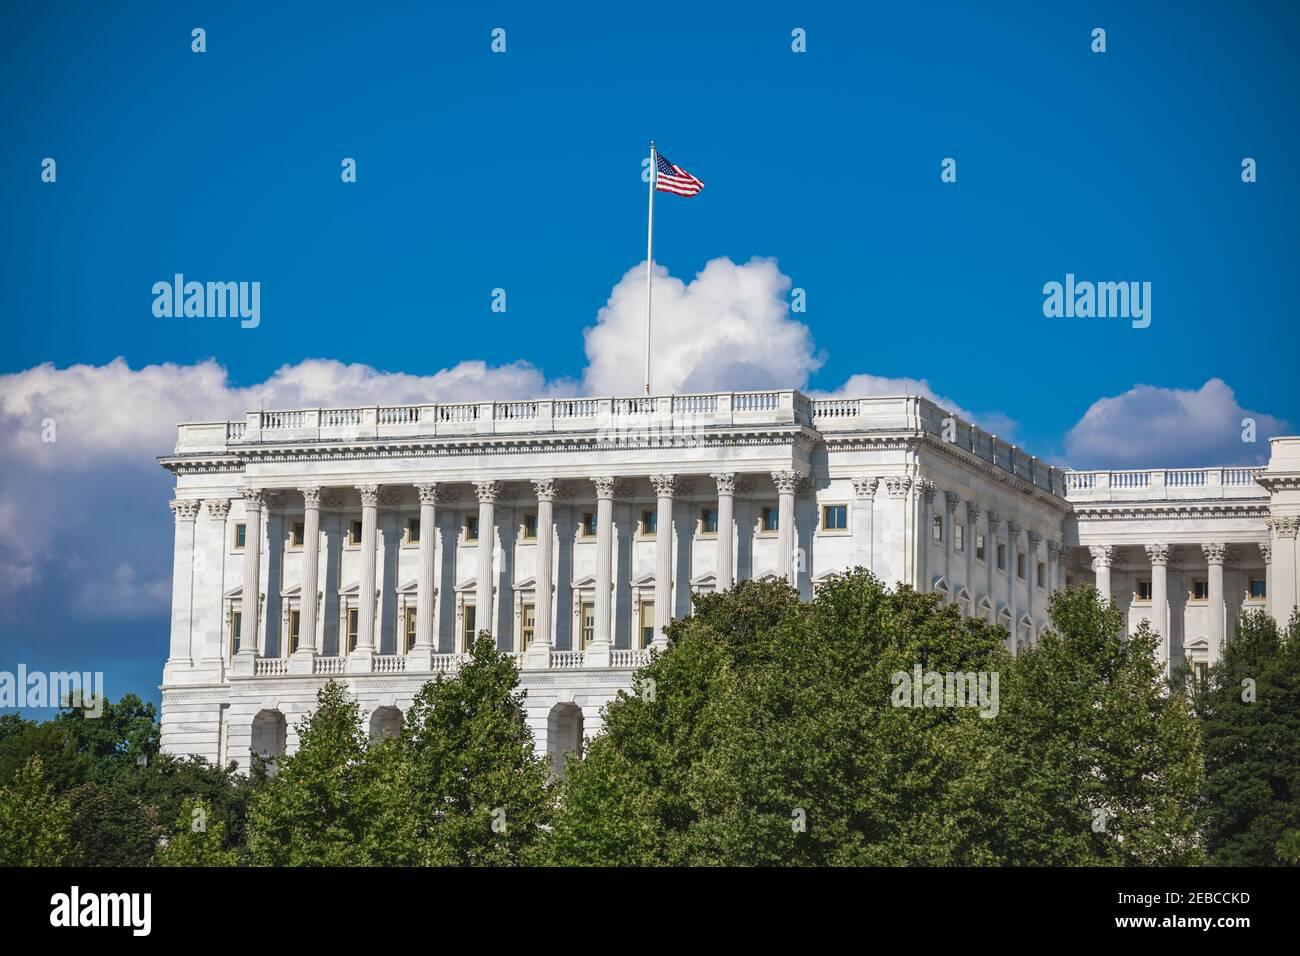 Bandera estadounidense volando sobre el exterior de la cámara del Senado del edificio del Capitolio de los Estados Unidos en Washington, DC Foto de stock